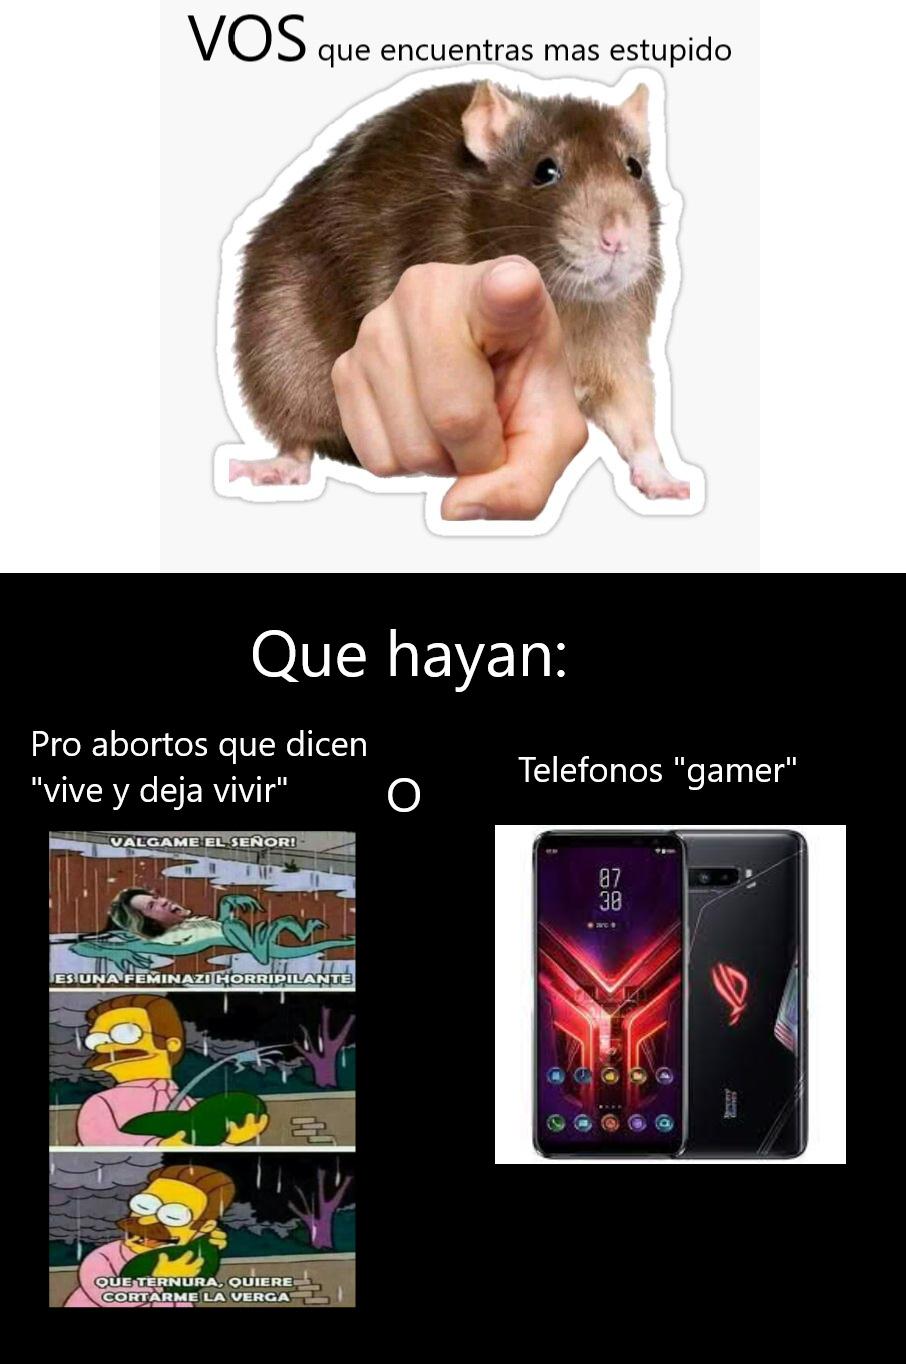 VOS decide - meme